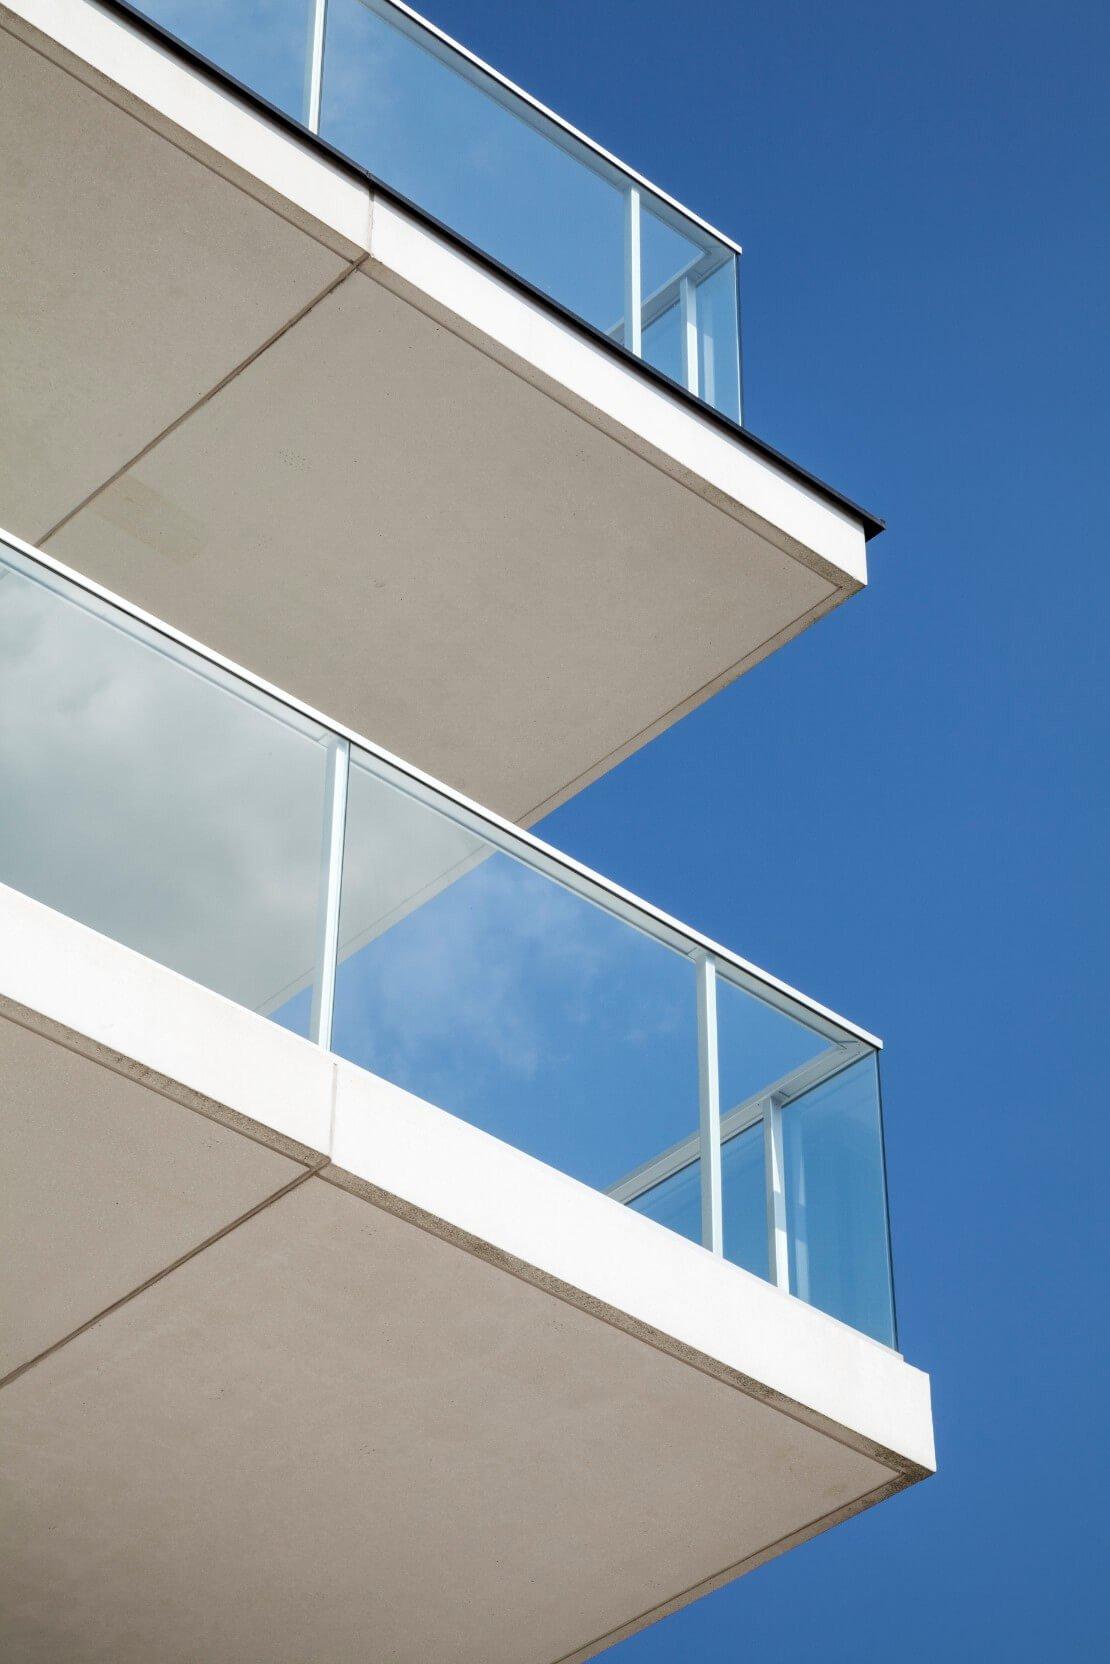 Res-JeanProuve-Rietveldprojects-photobytimvandevelde-21.jpg